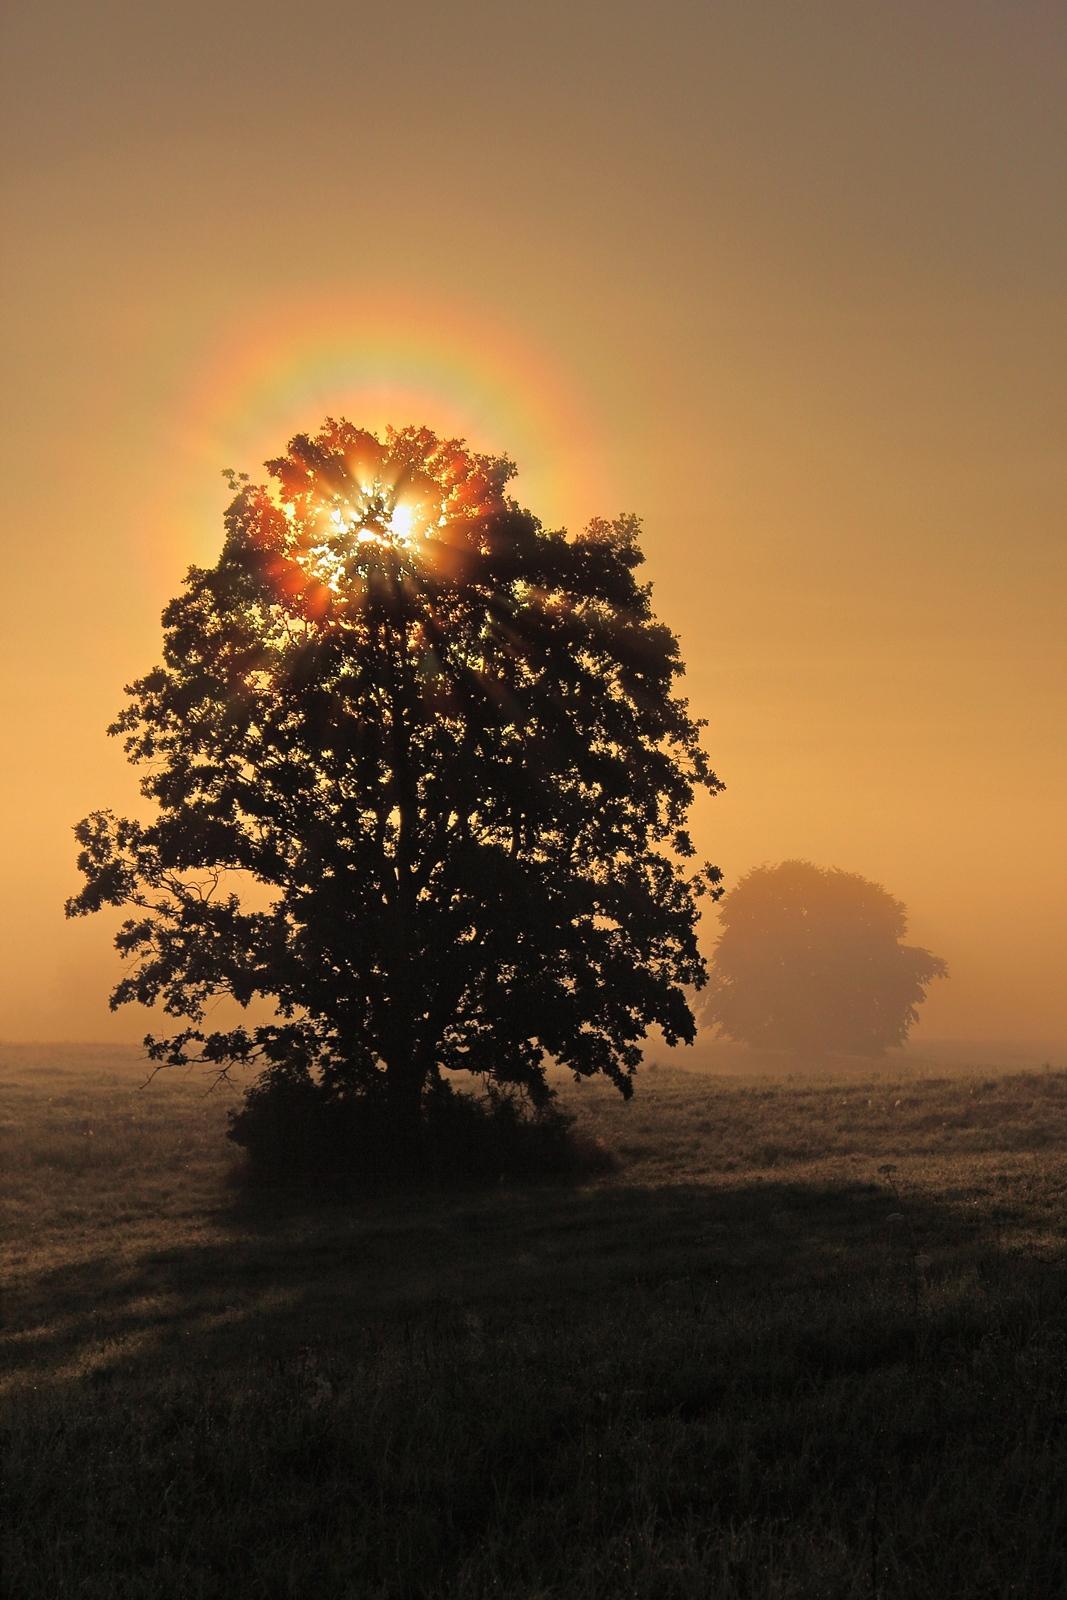 Drzewko szczęścia dla Ciebie w podziękowaniu za dedykacją, pozdrawiam:)